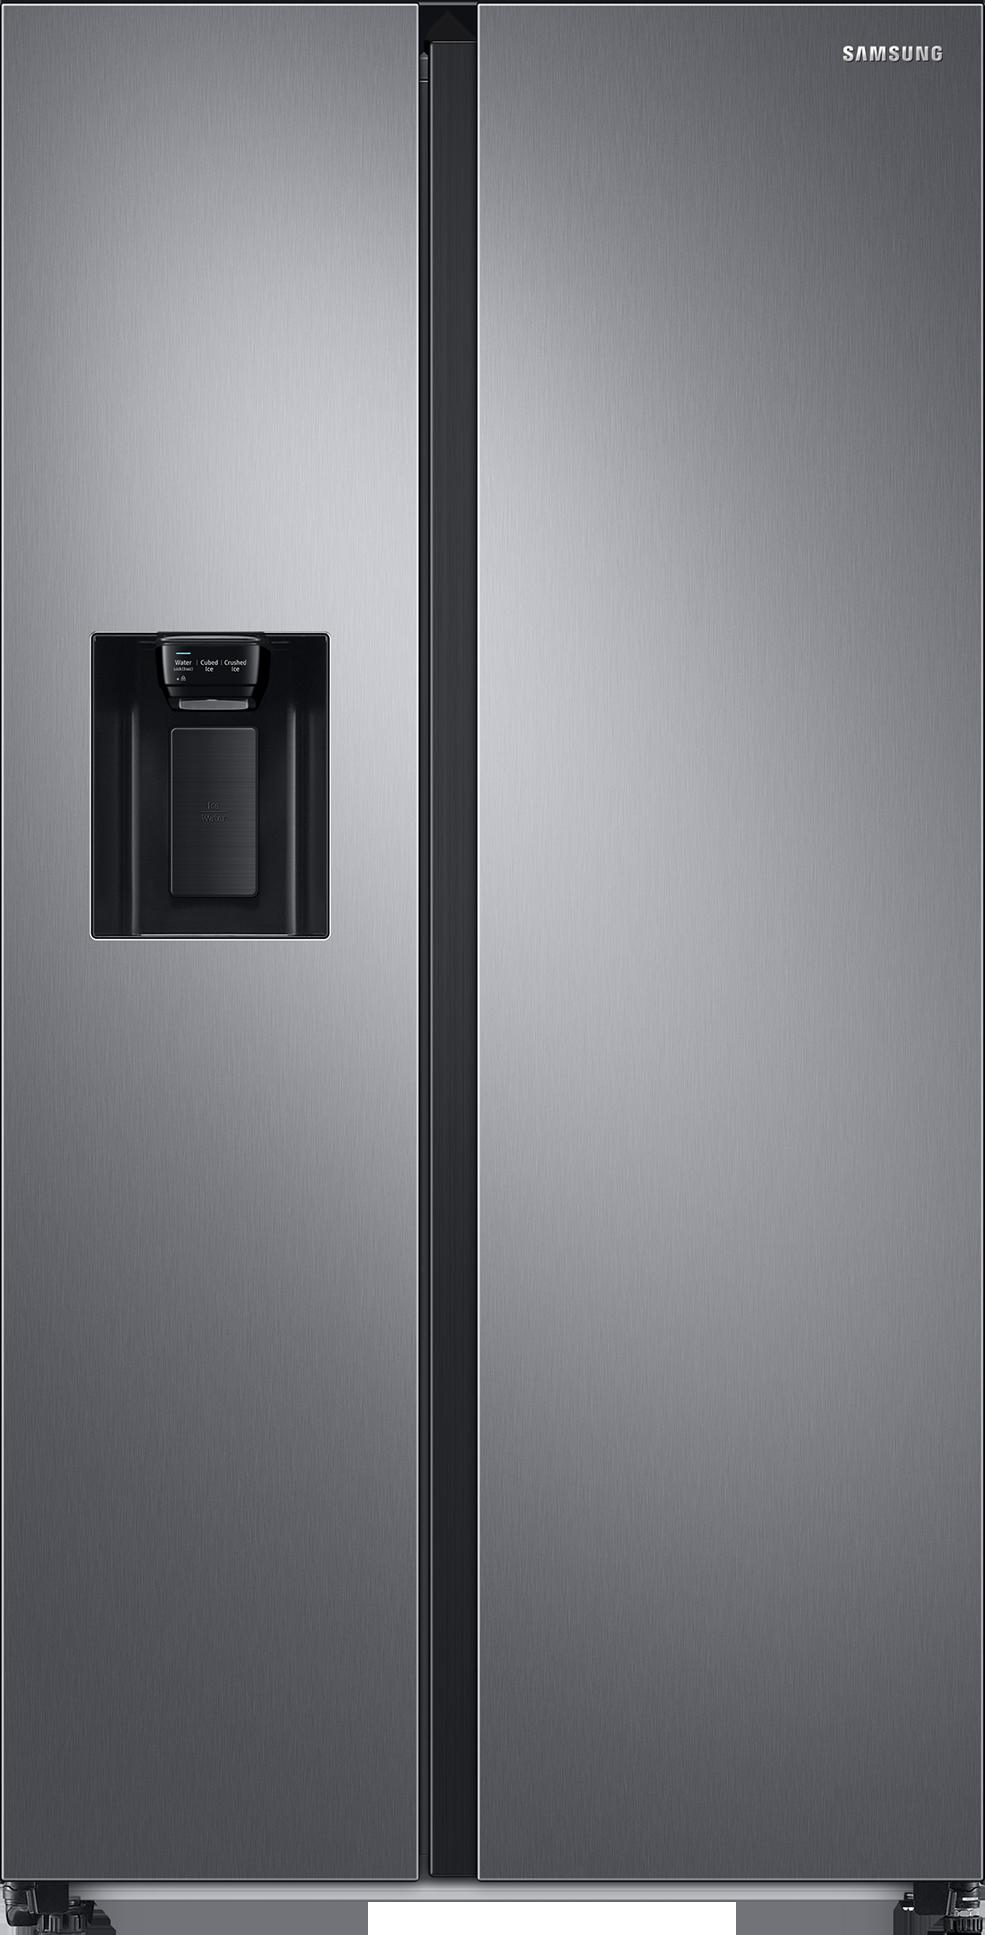 SAMSUNG RS68A8520S9 - Réfrigérateur américain